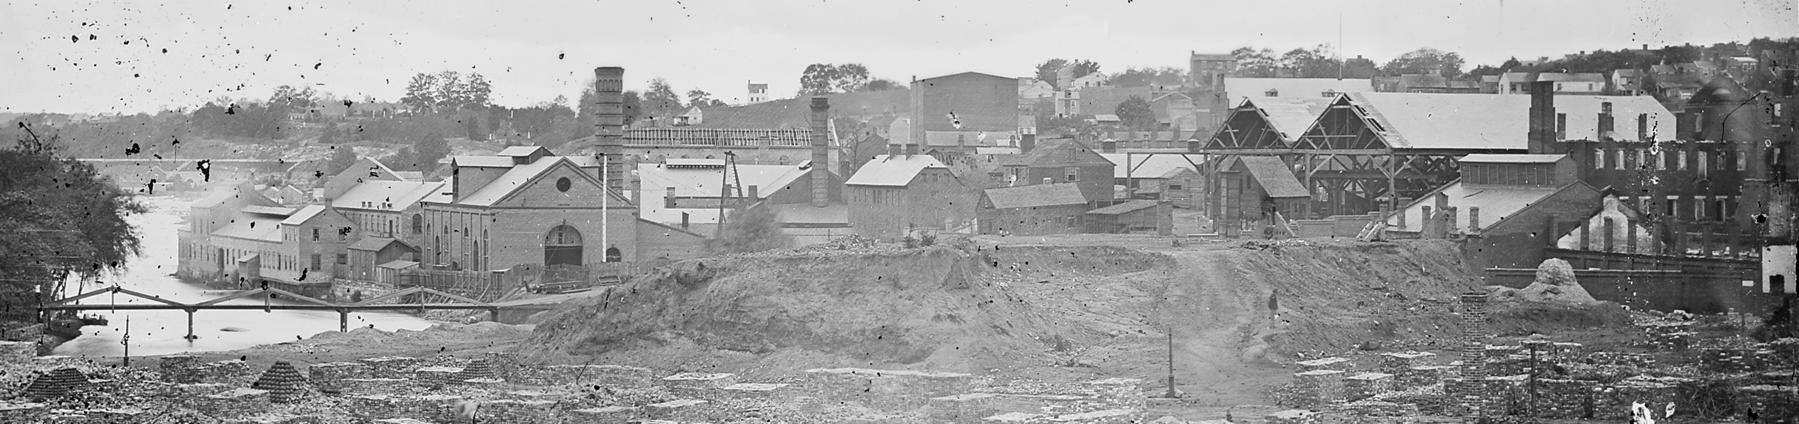 Tredegar Iron Works (postwar)